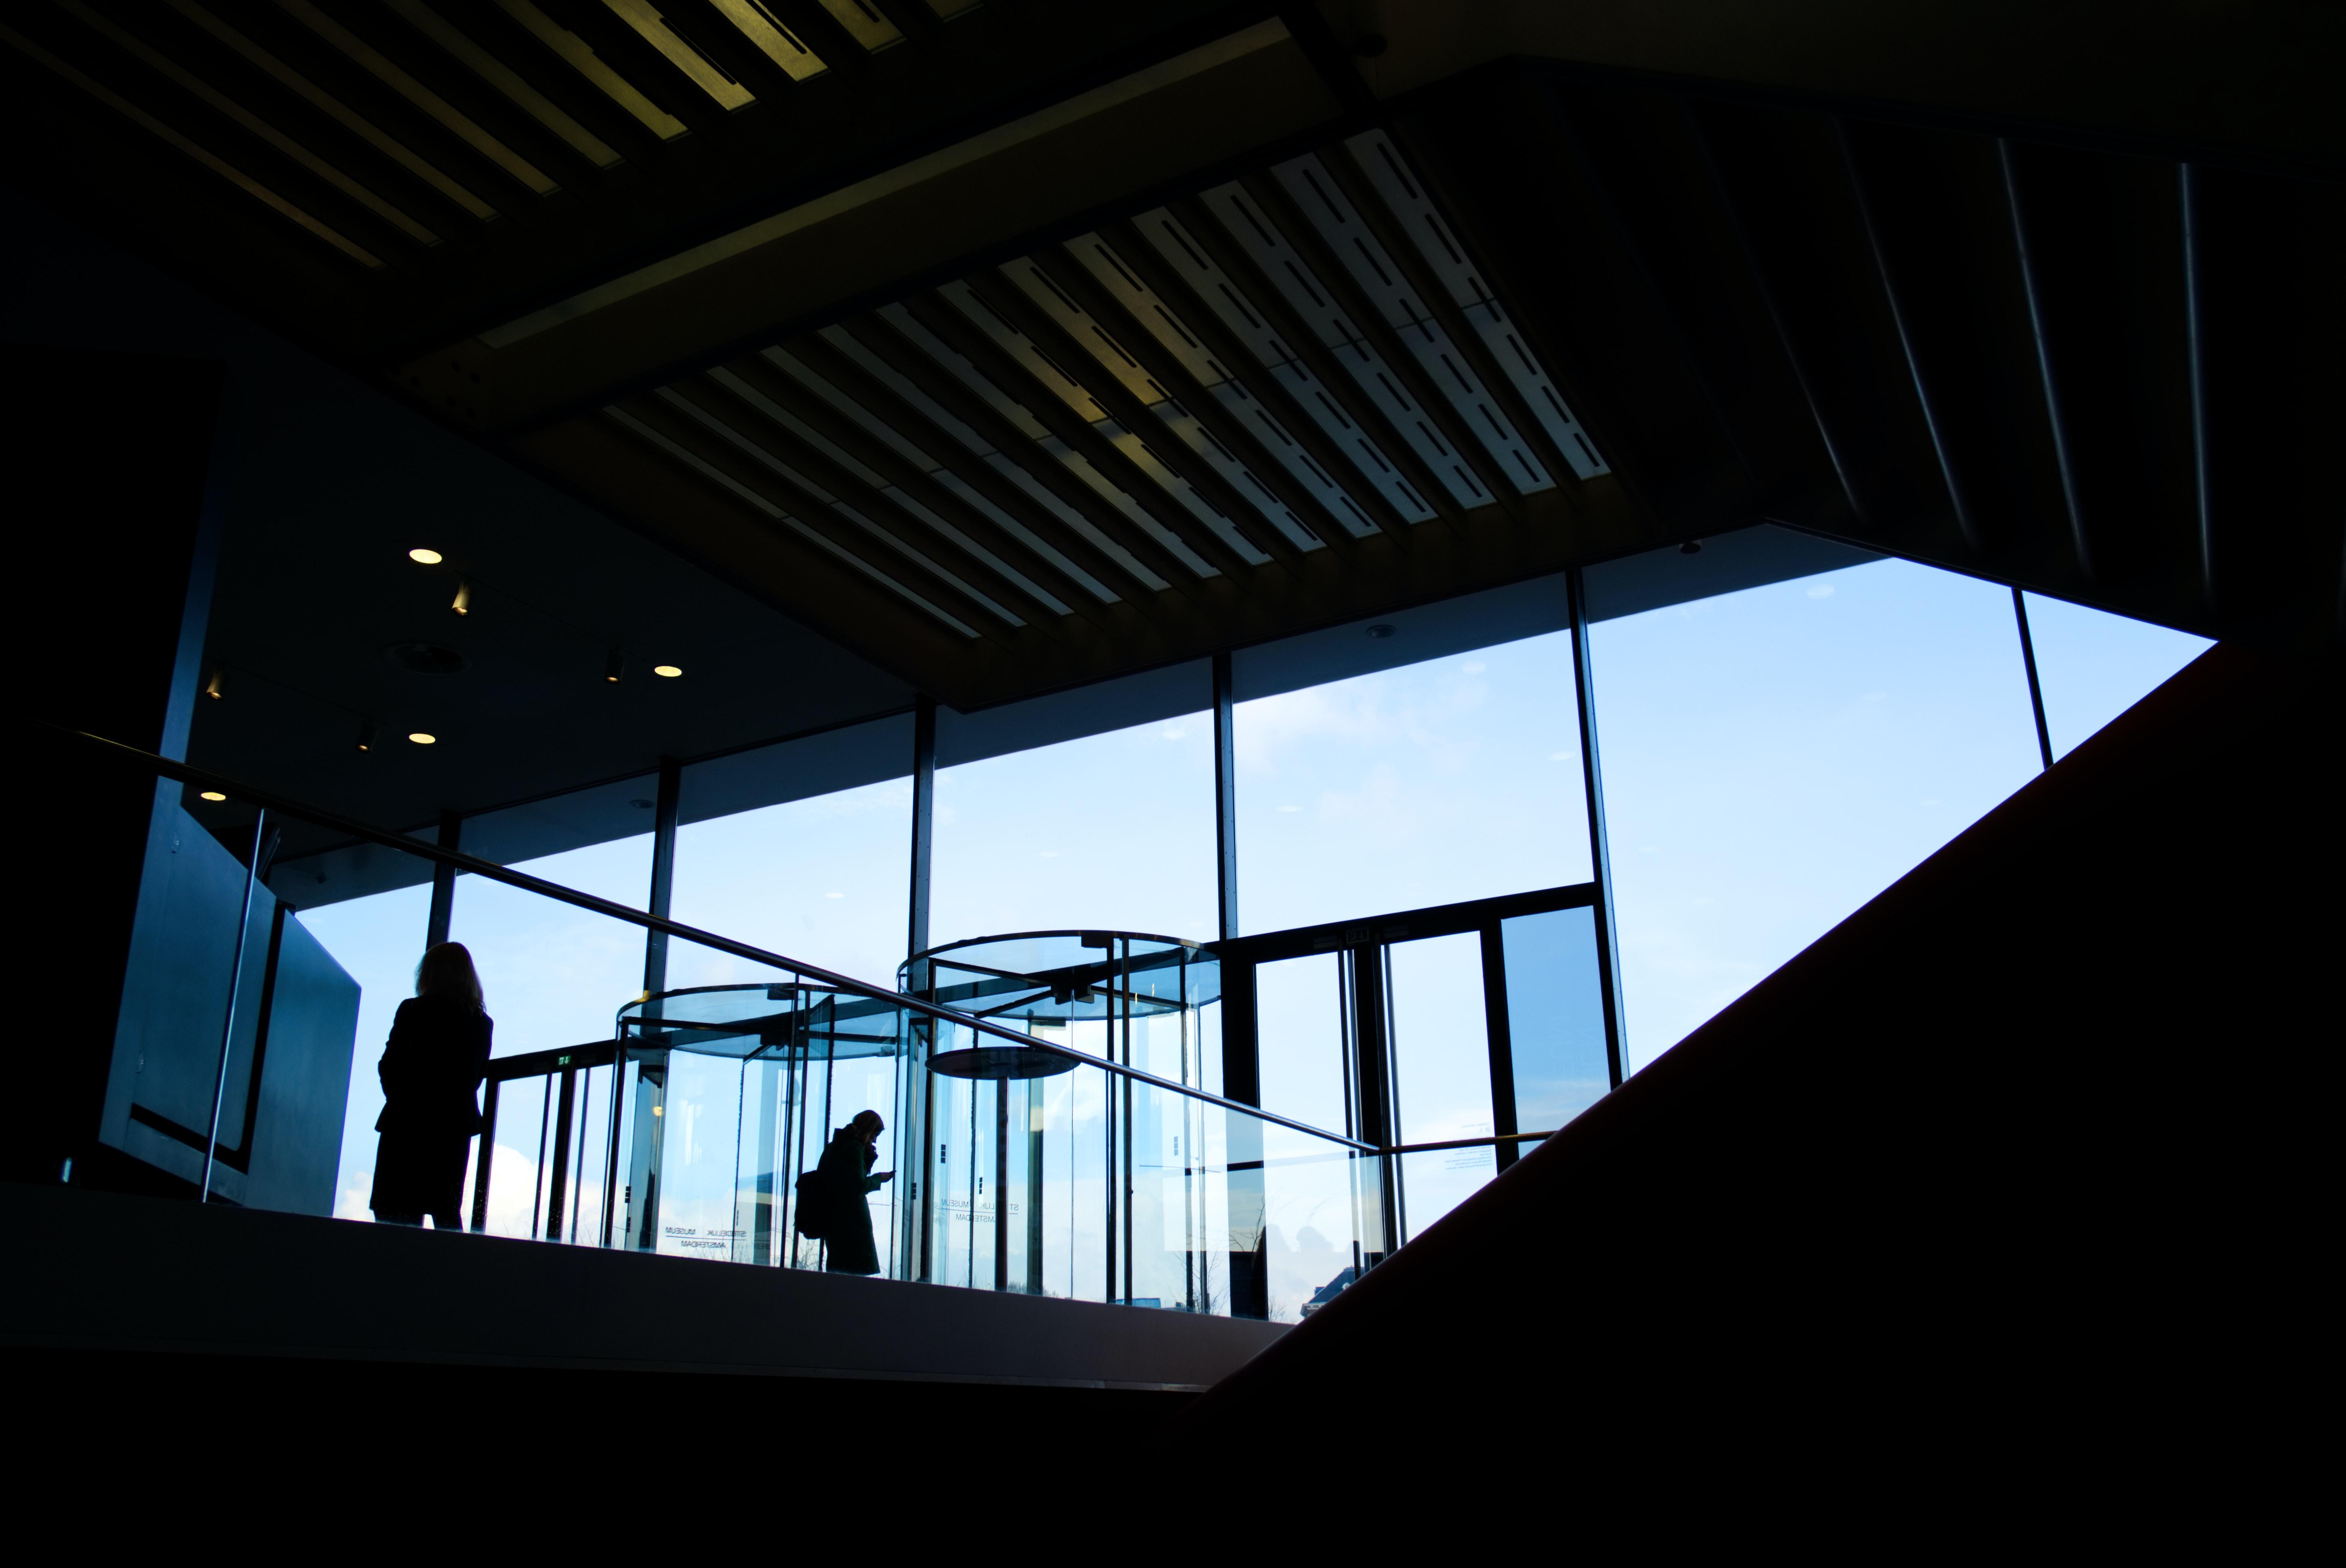 silhouette of person near windows